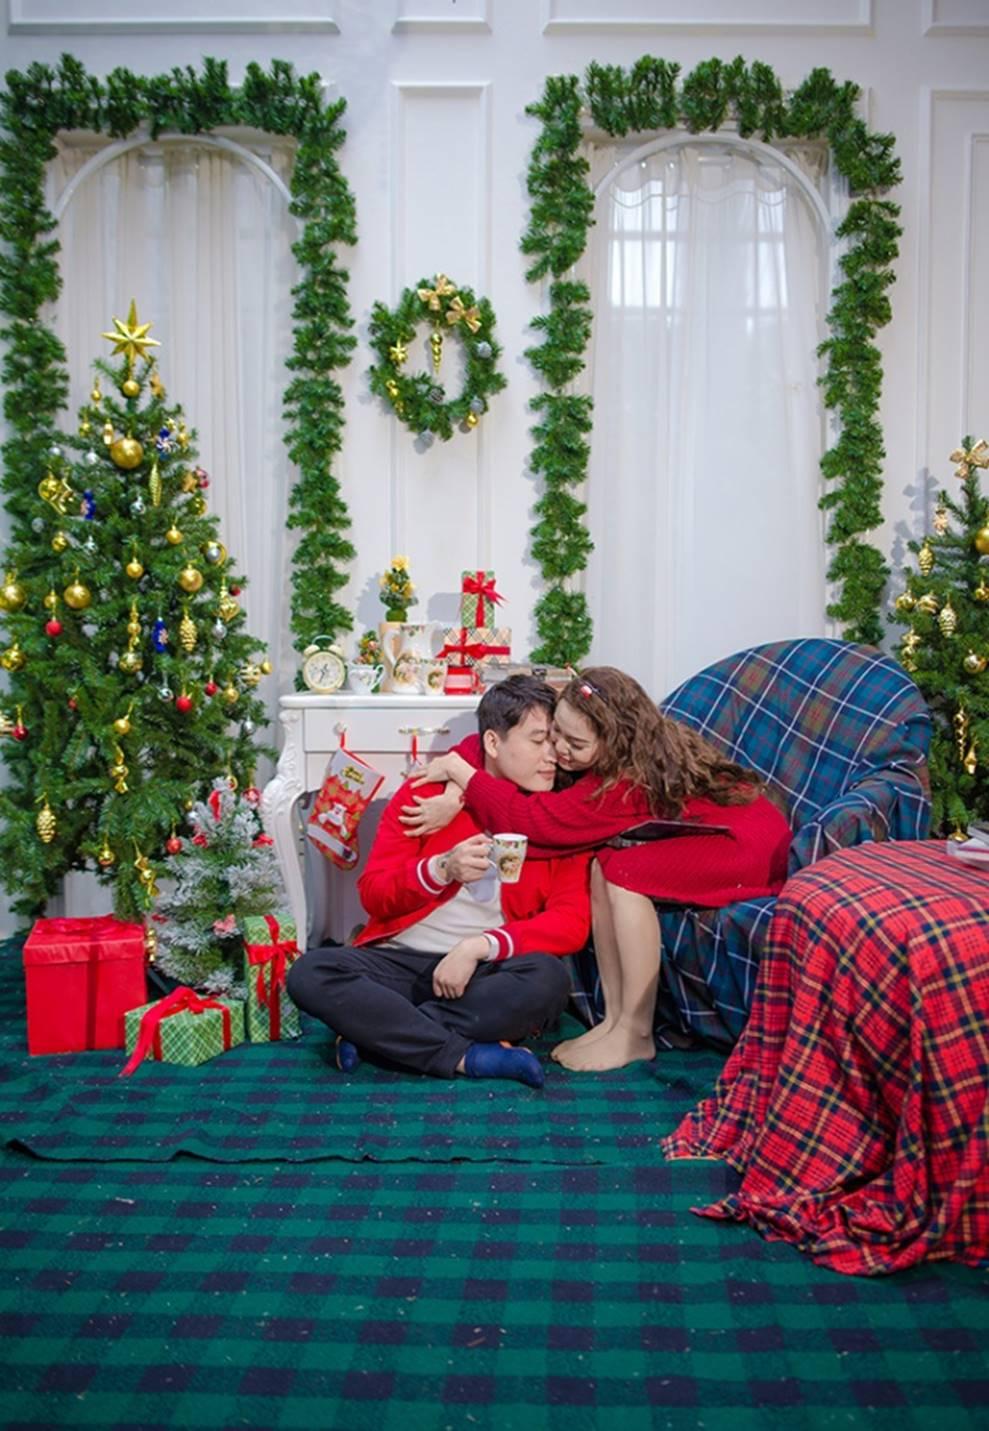 Ngọc Anh tình tứ cùng bạn trai tin đồn ít tuổi trong bộ ảnh Giáng sinh-13